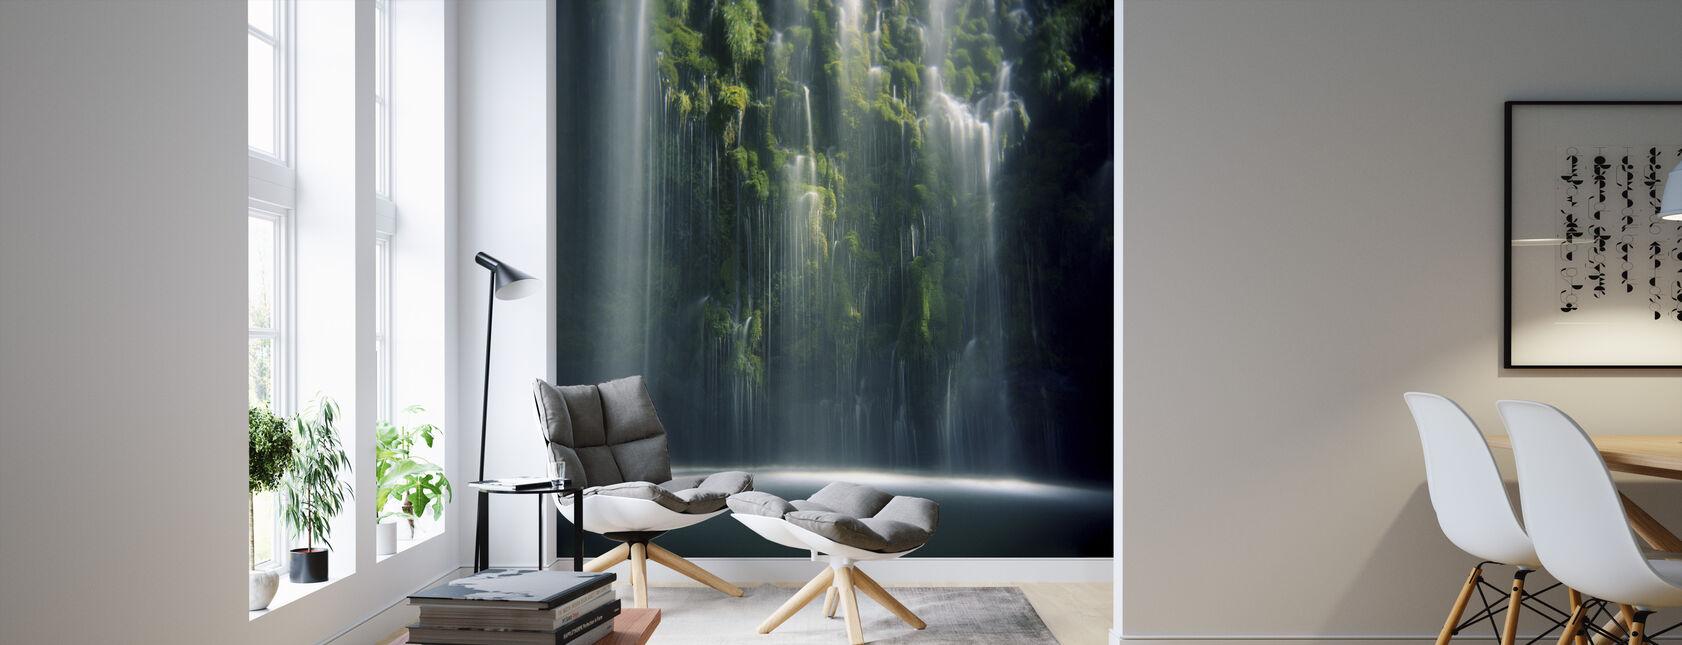 Mossbrae Falls in Sunlight - Wallpaper - Living Room